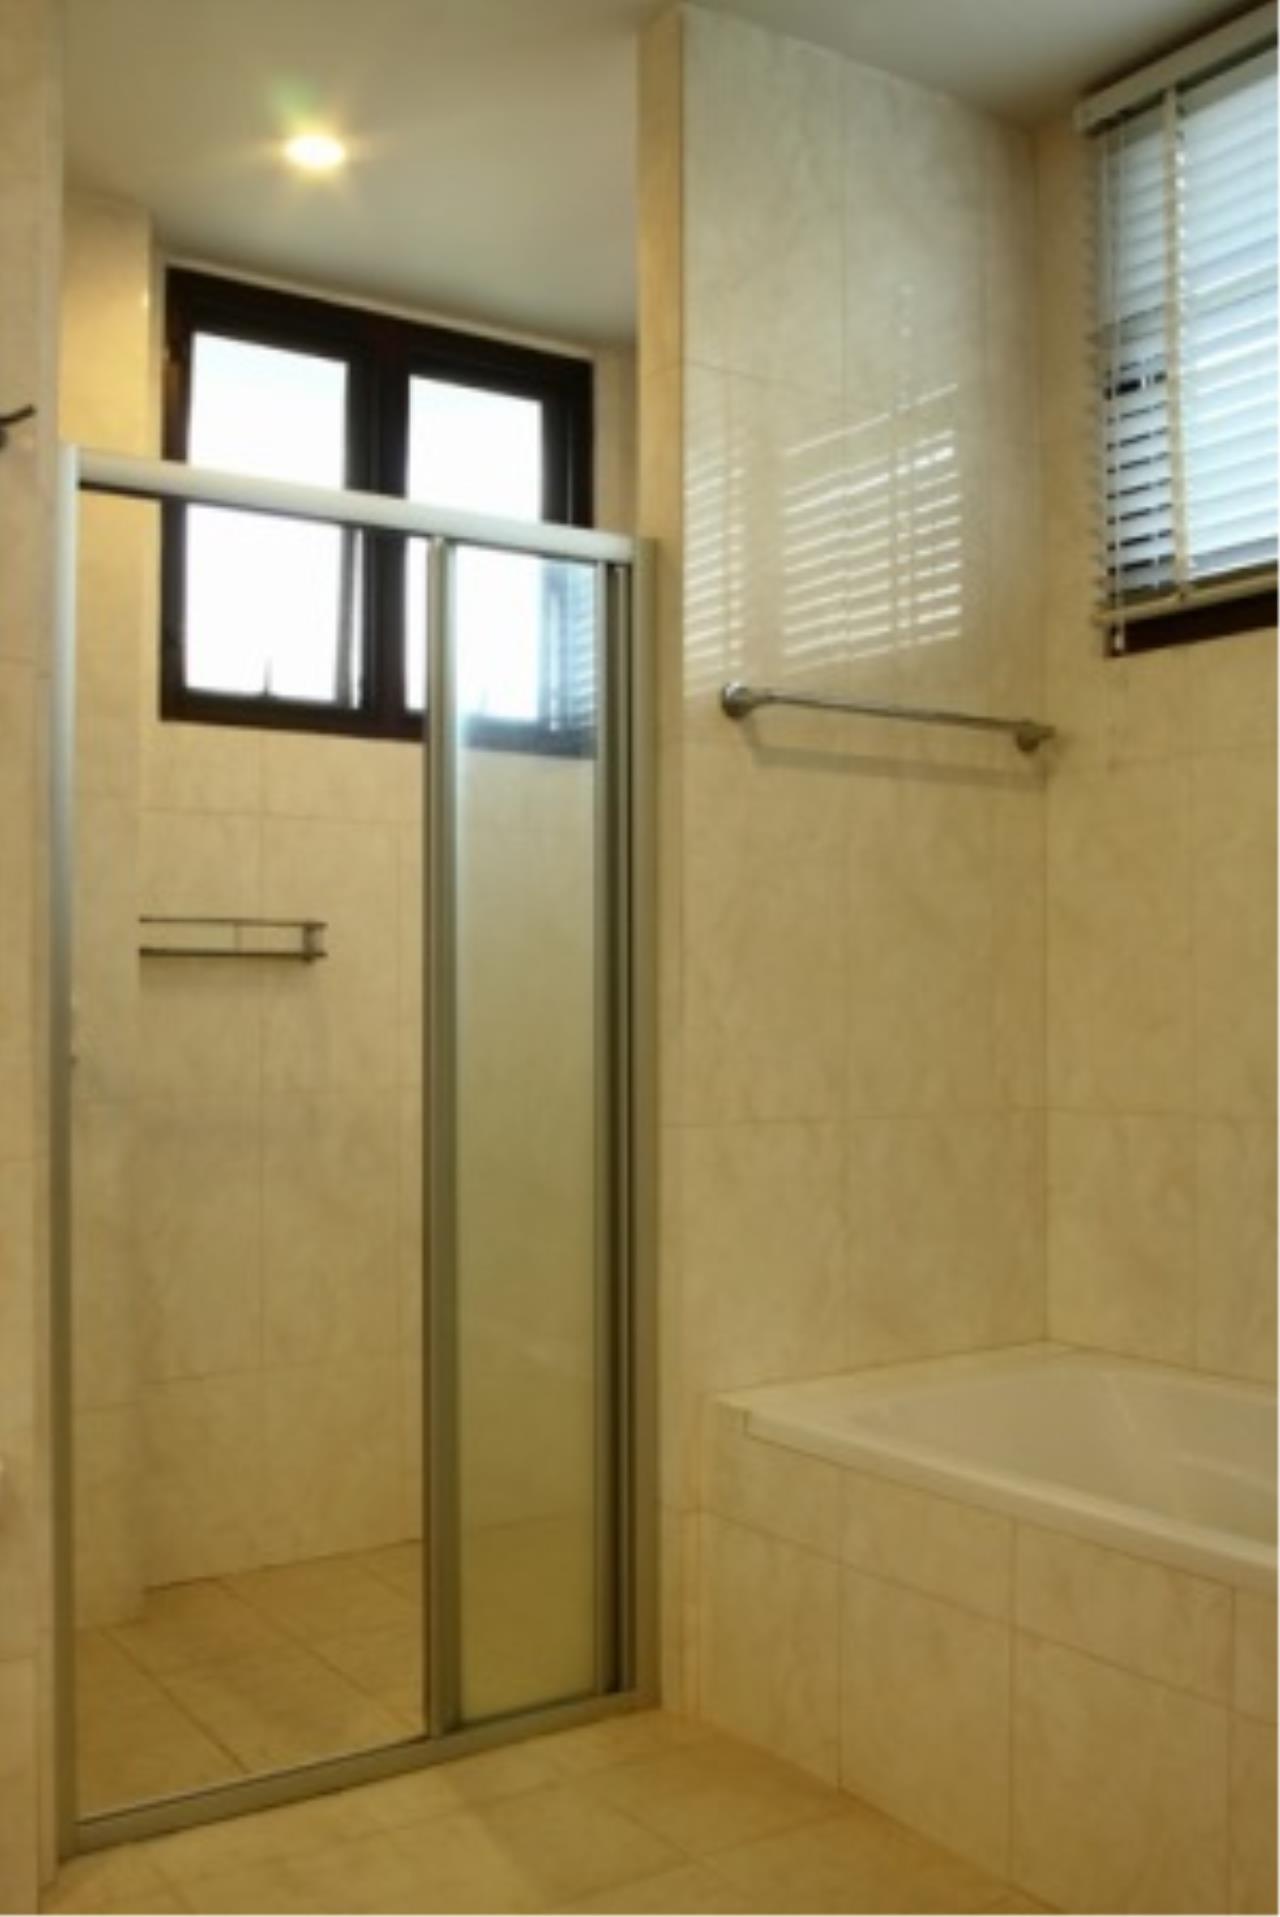 BKK Condos Agency's Cozy 3 bedroom condo for rent at Sukhumvit 24 Home  5